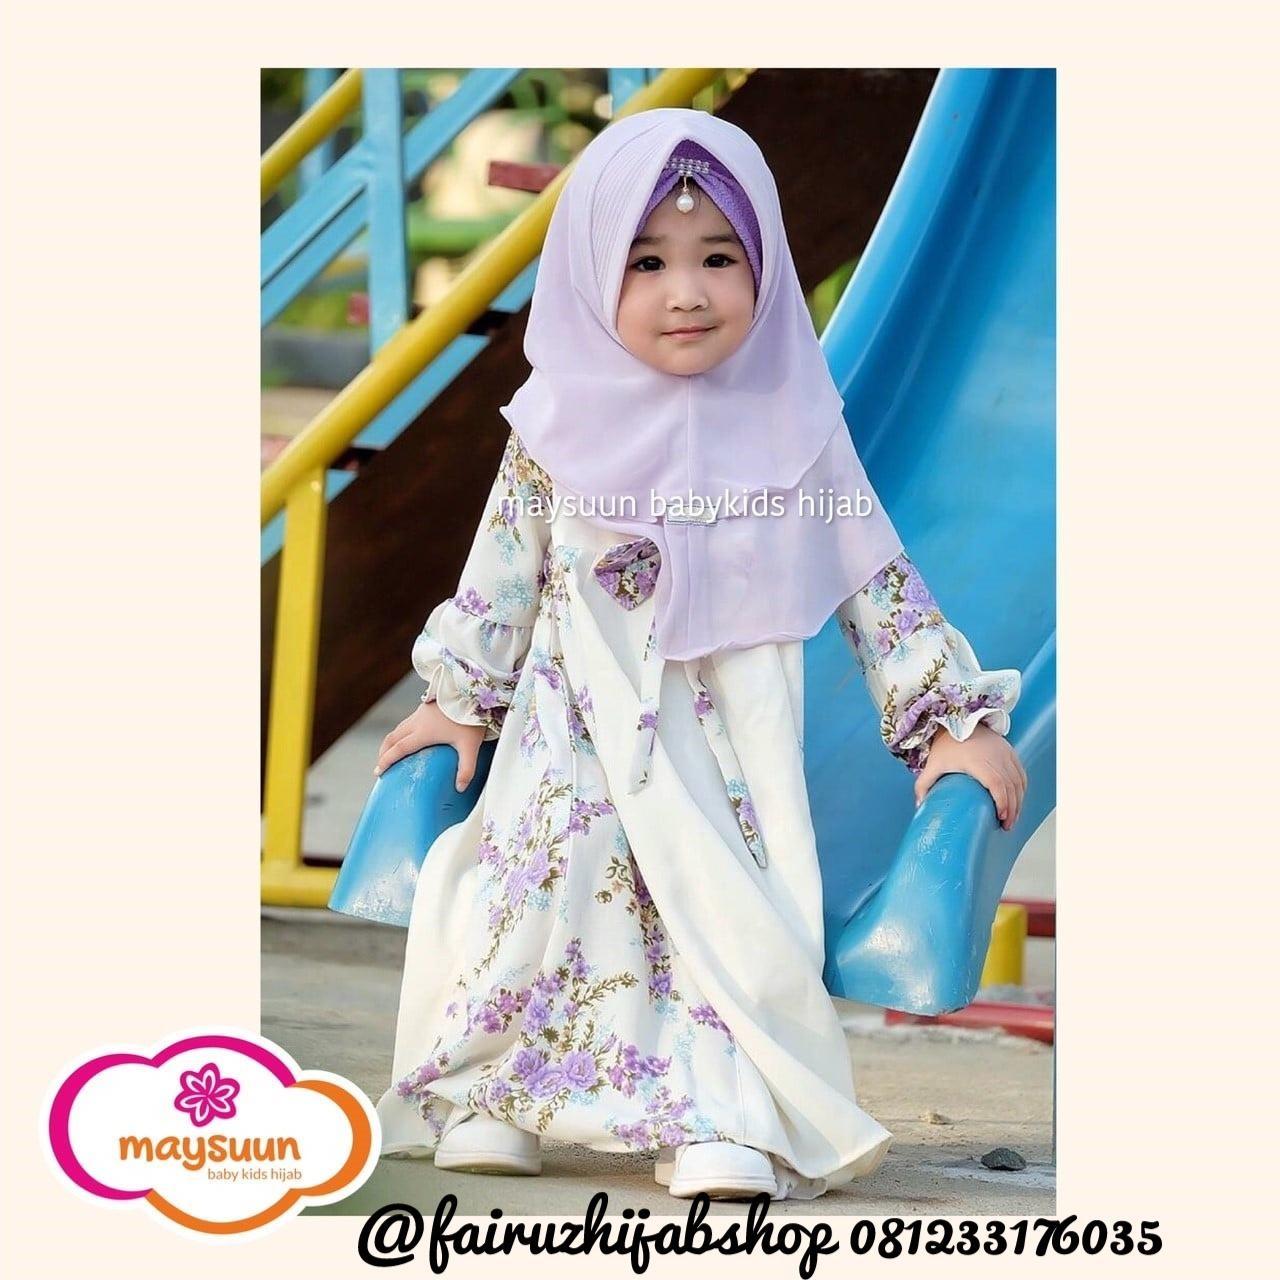 Daftar Harga Baju Gamis Syari Anak Terbaru 2019